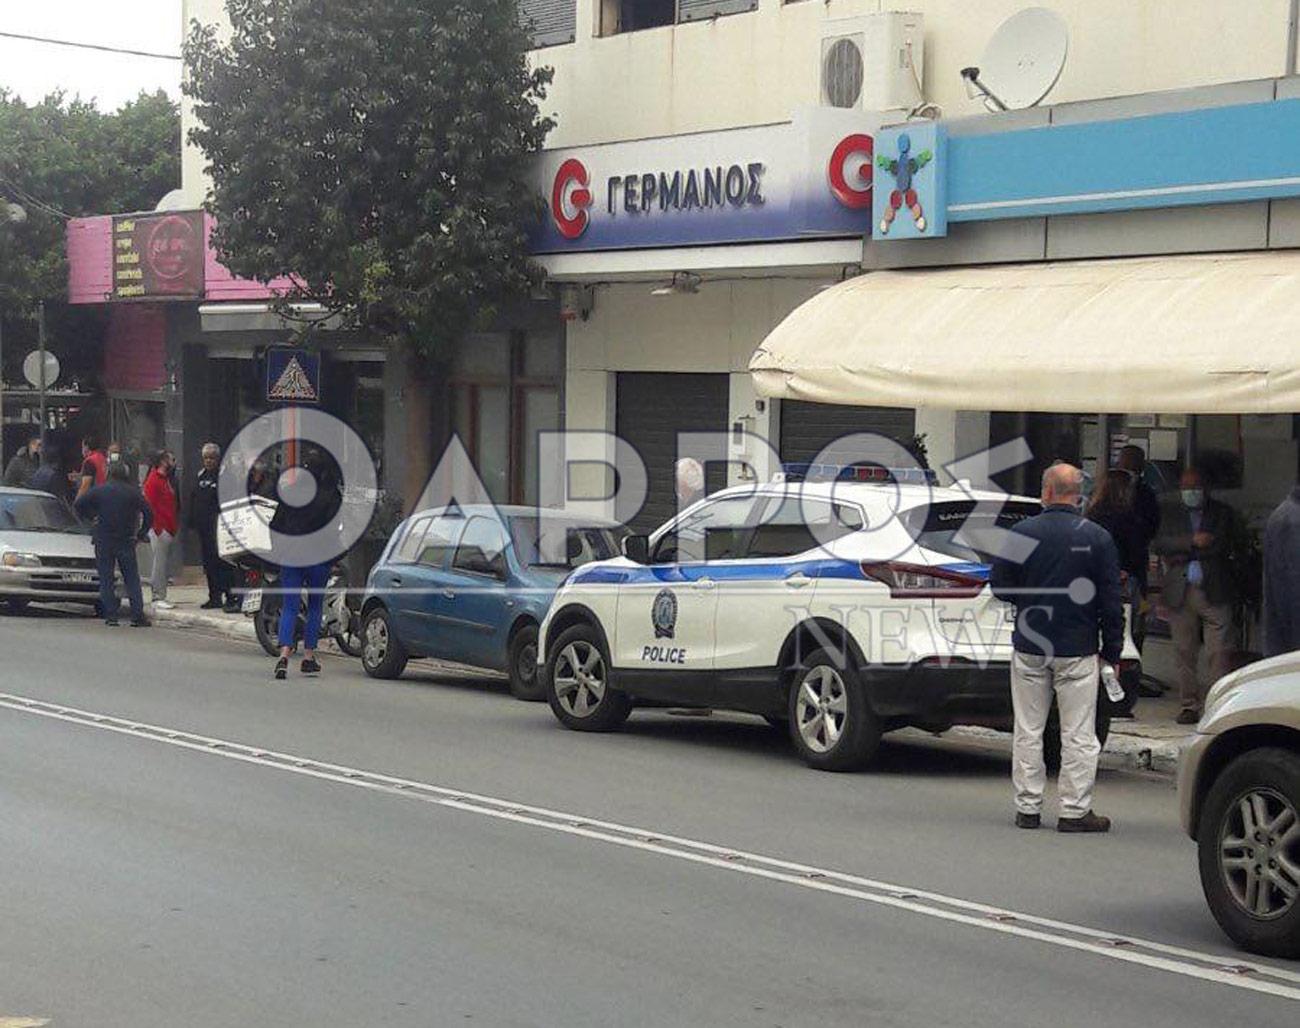 Σοκ στην Κυπαρισσία: 72χρονος πυροβόλησε και σκότωσε ιδιοκτήτη καταστήματος